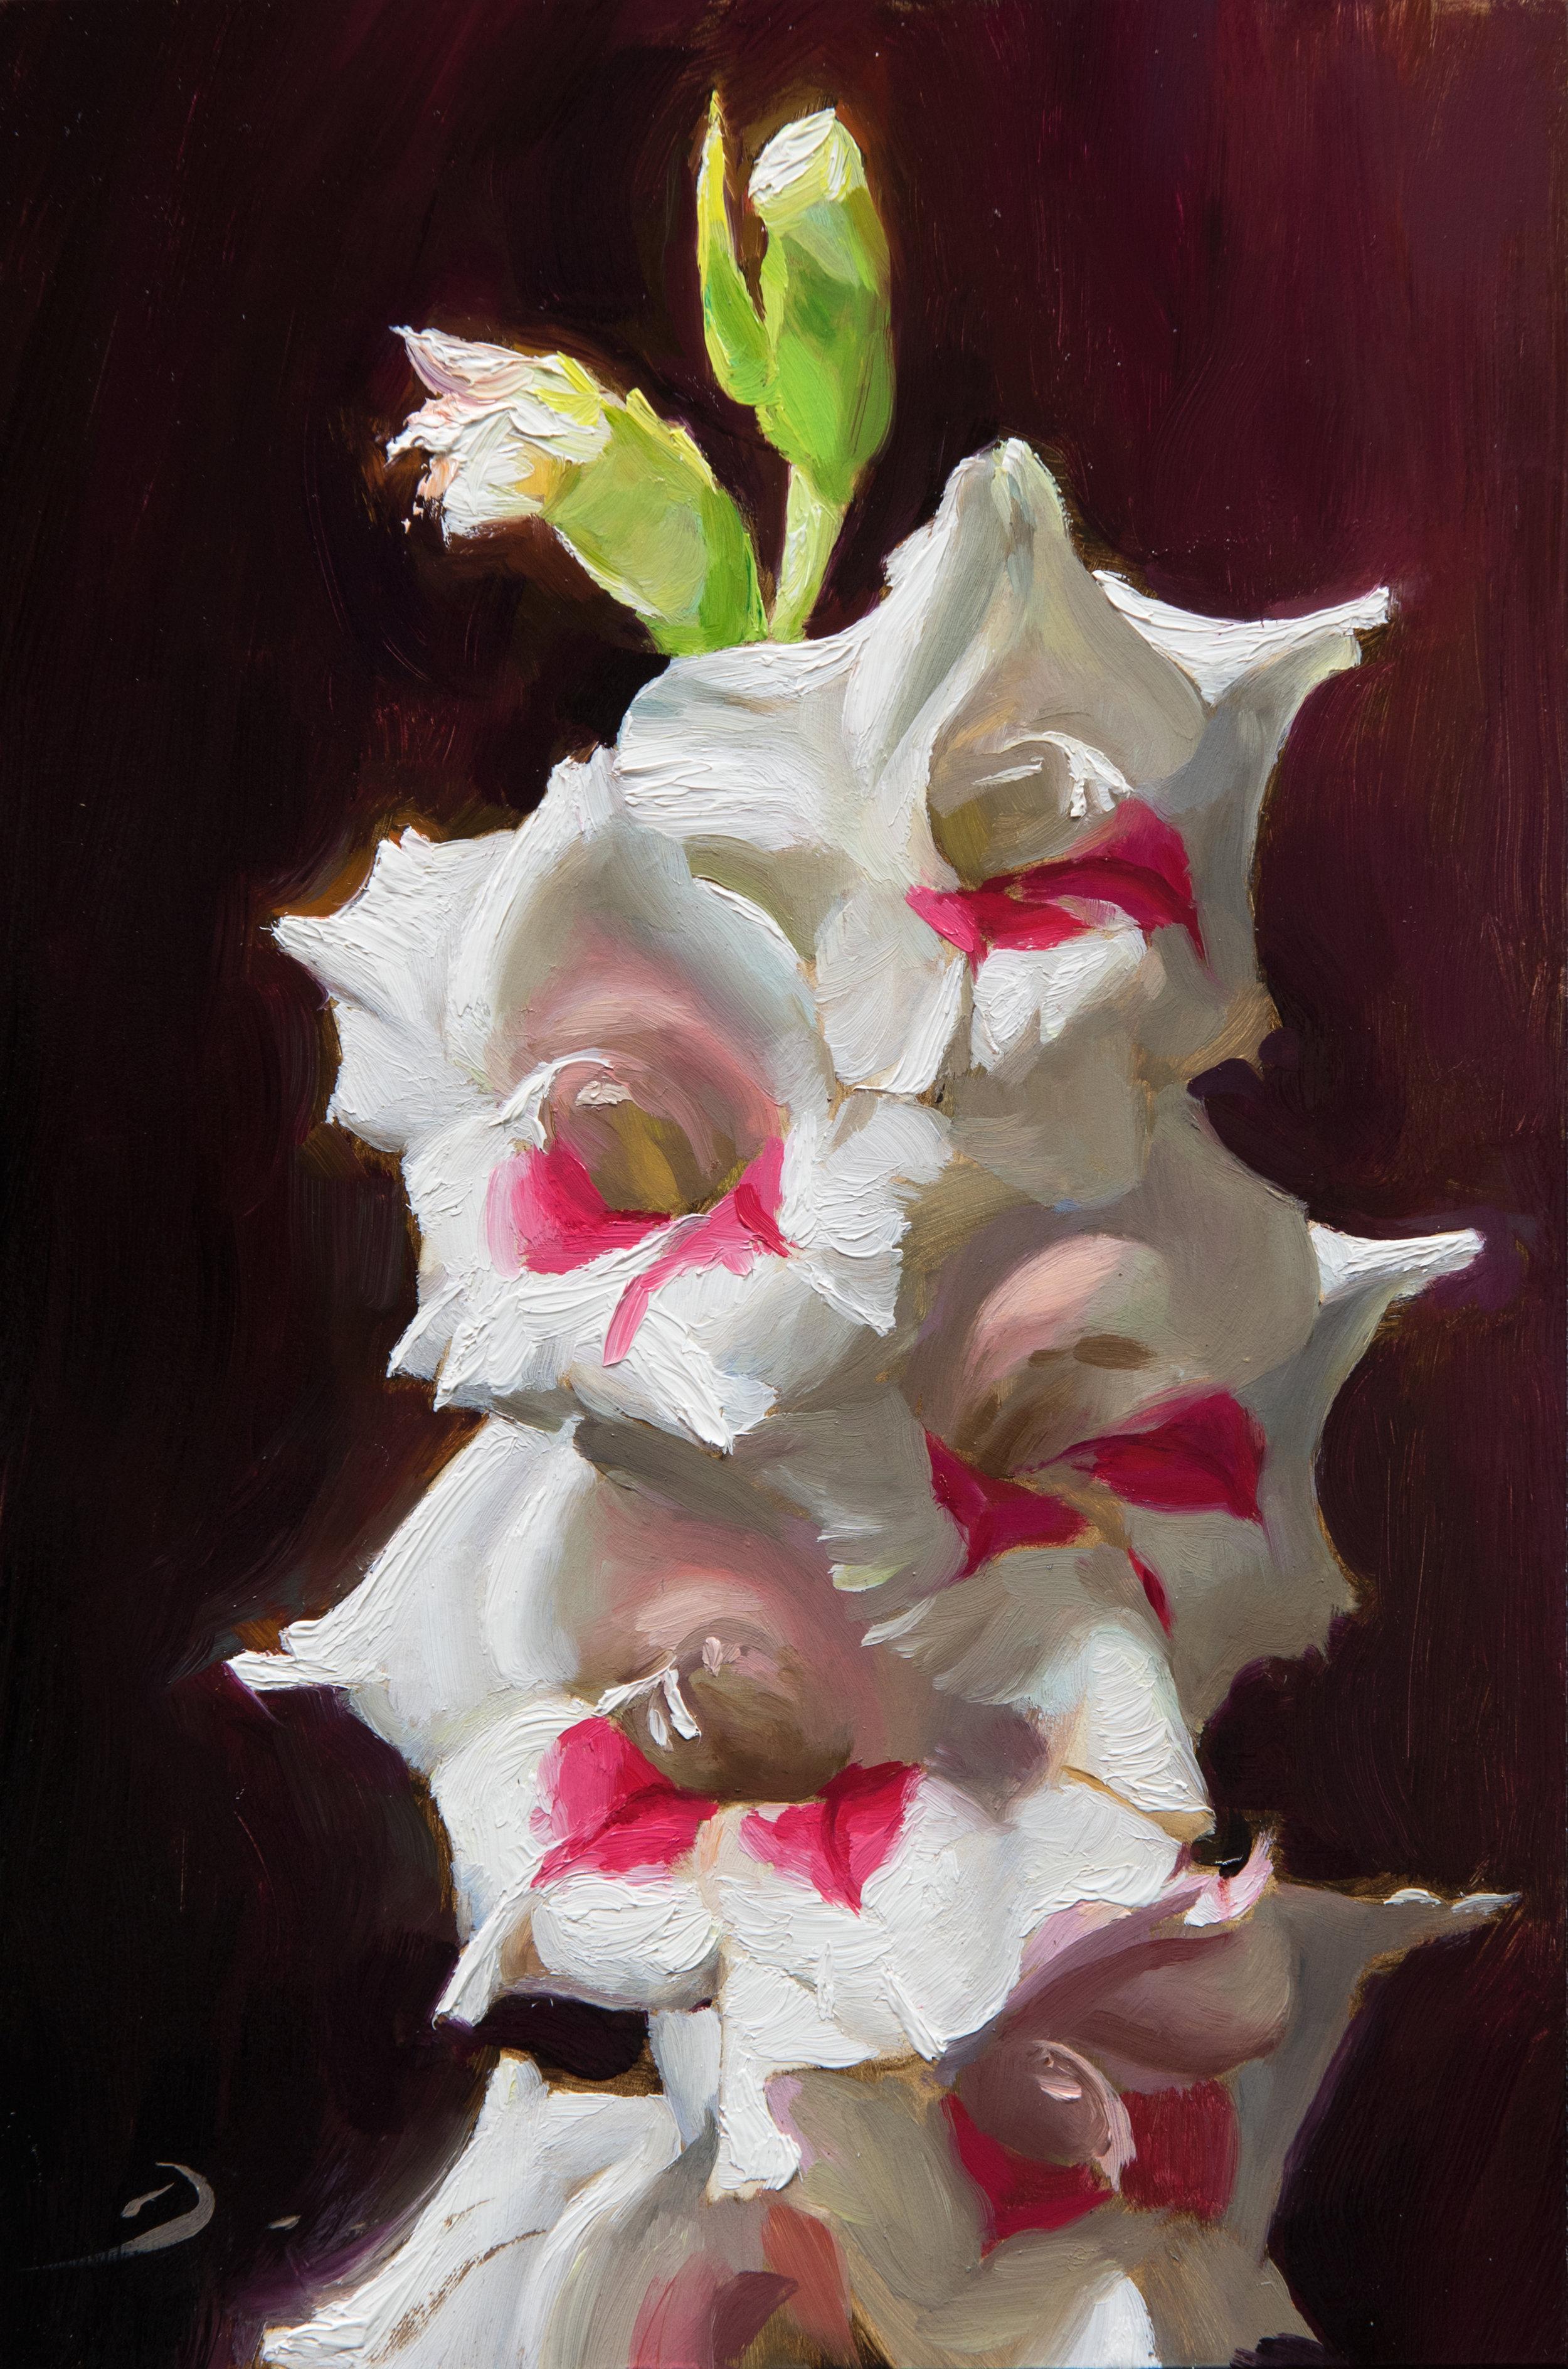 White Gladiolus - July 2016